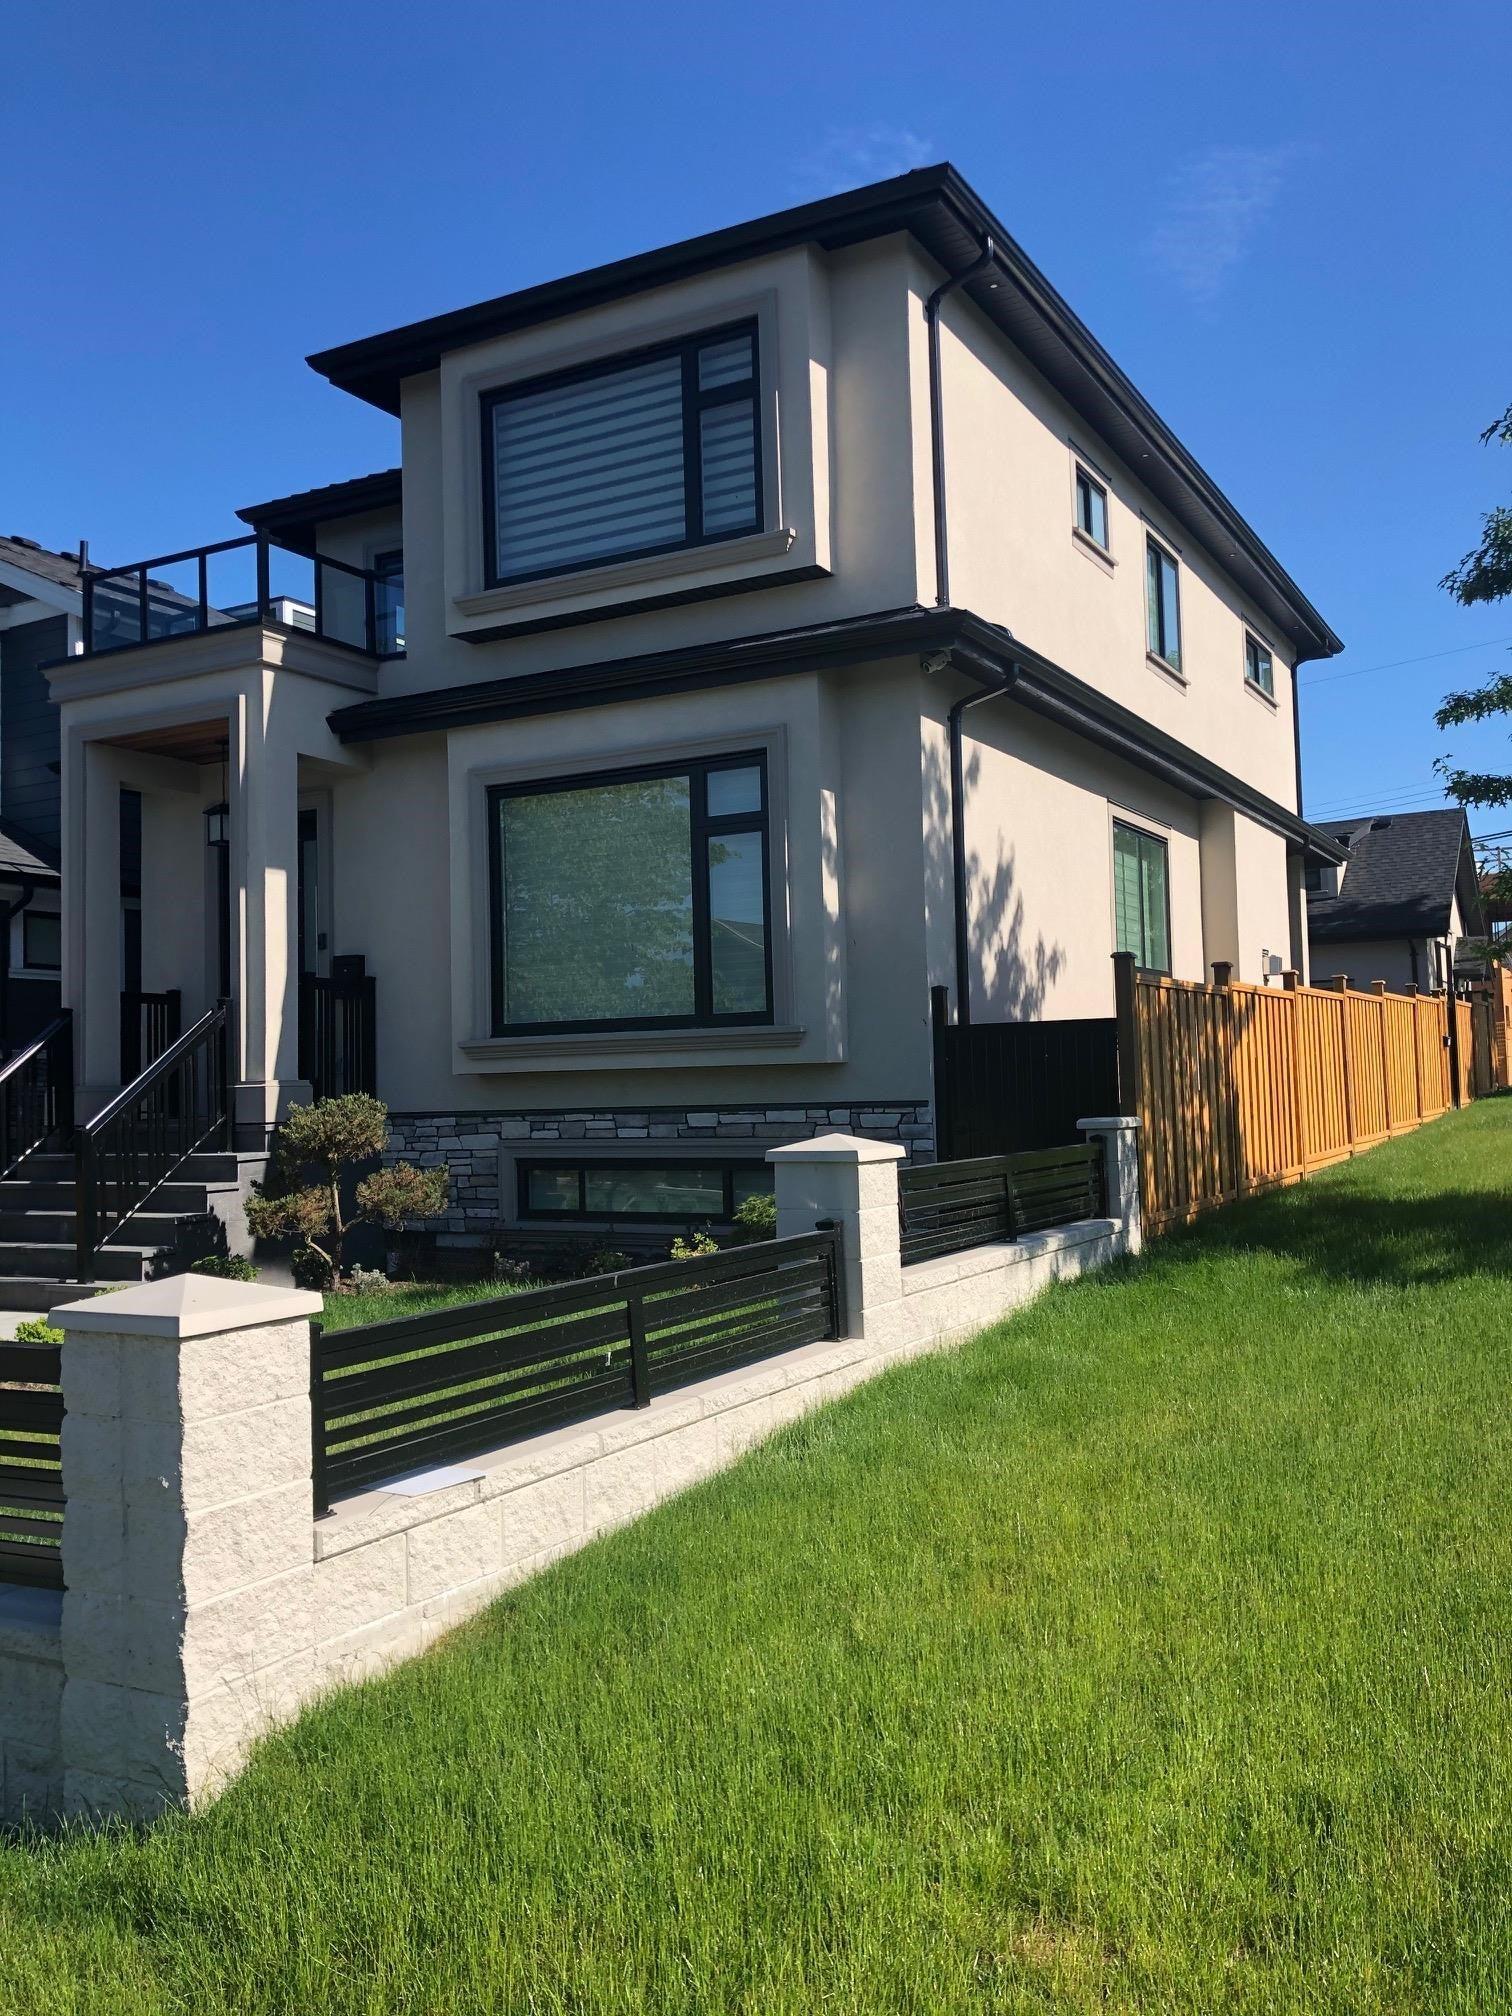 3002 GRANT STREET - Renfrew VE House/Single Family for sale, 8 Bedrooms (R2620322) - #1